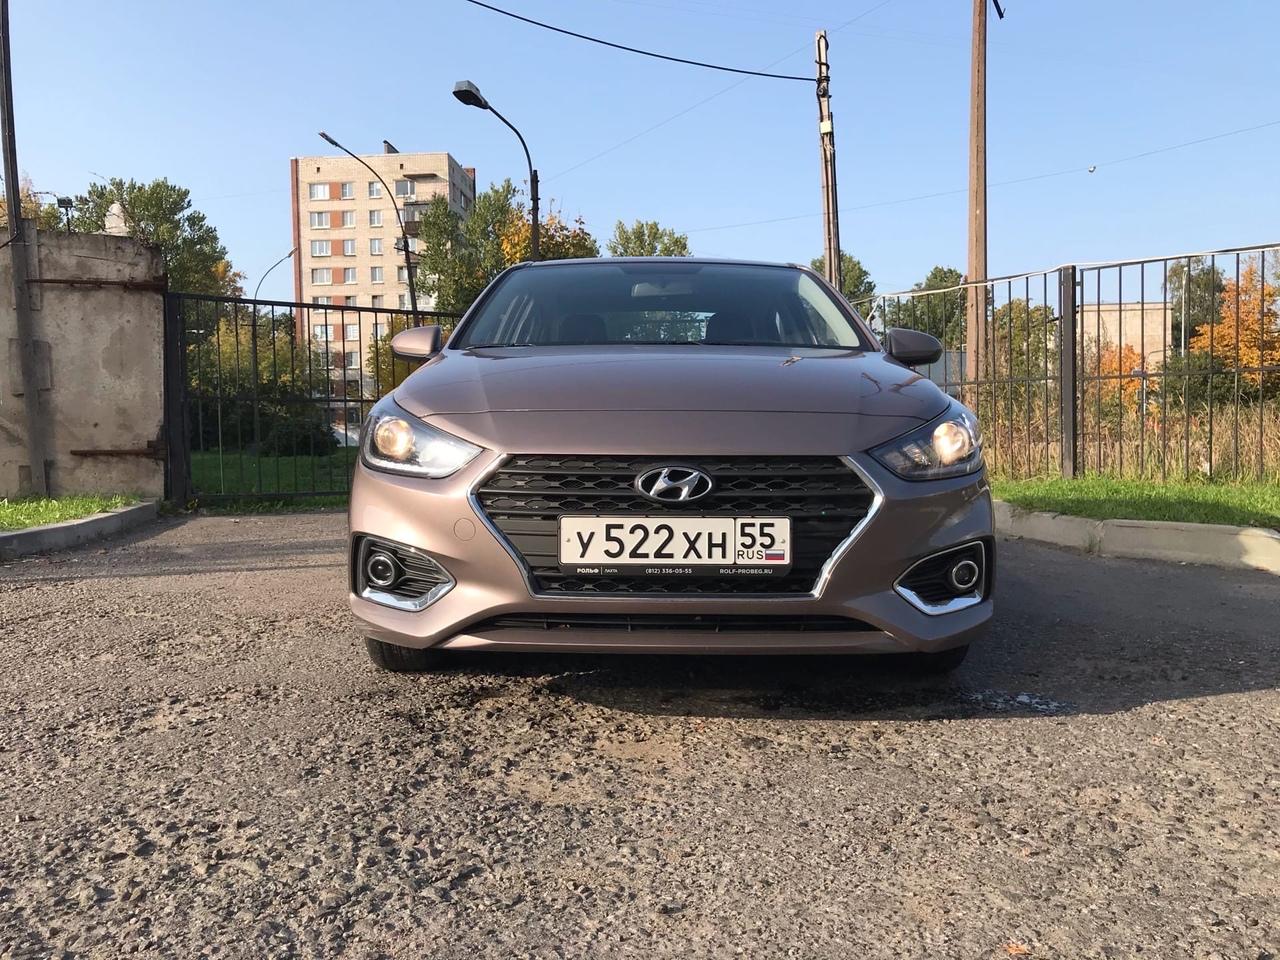 31 марта в 12:48 от дома 26 по улице Кибальчича 26 был угнан автомобиль Hyundai Solaris коричневого ...